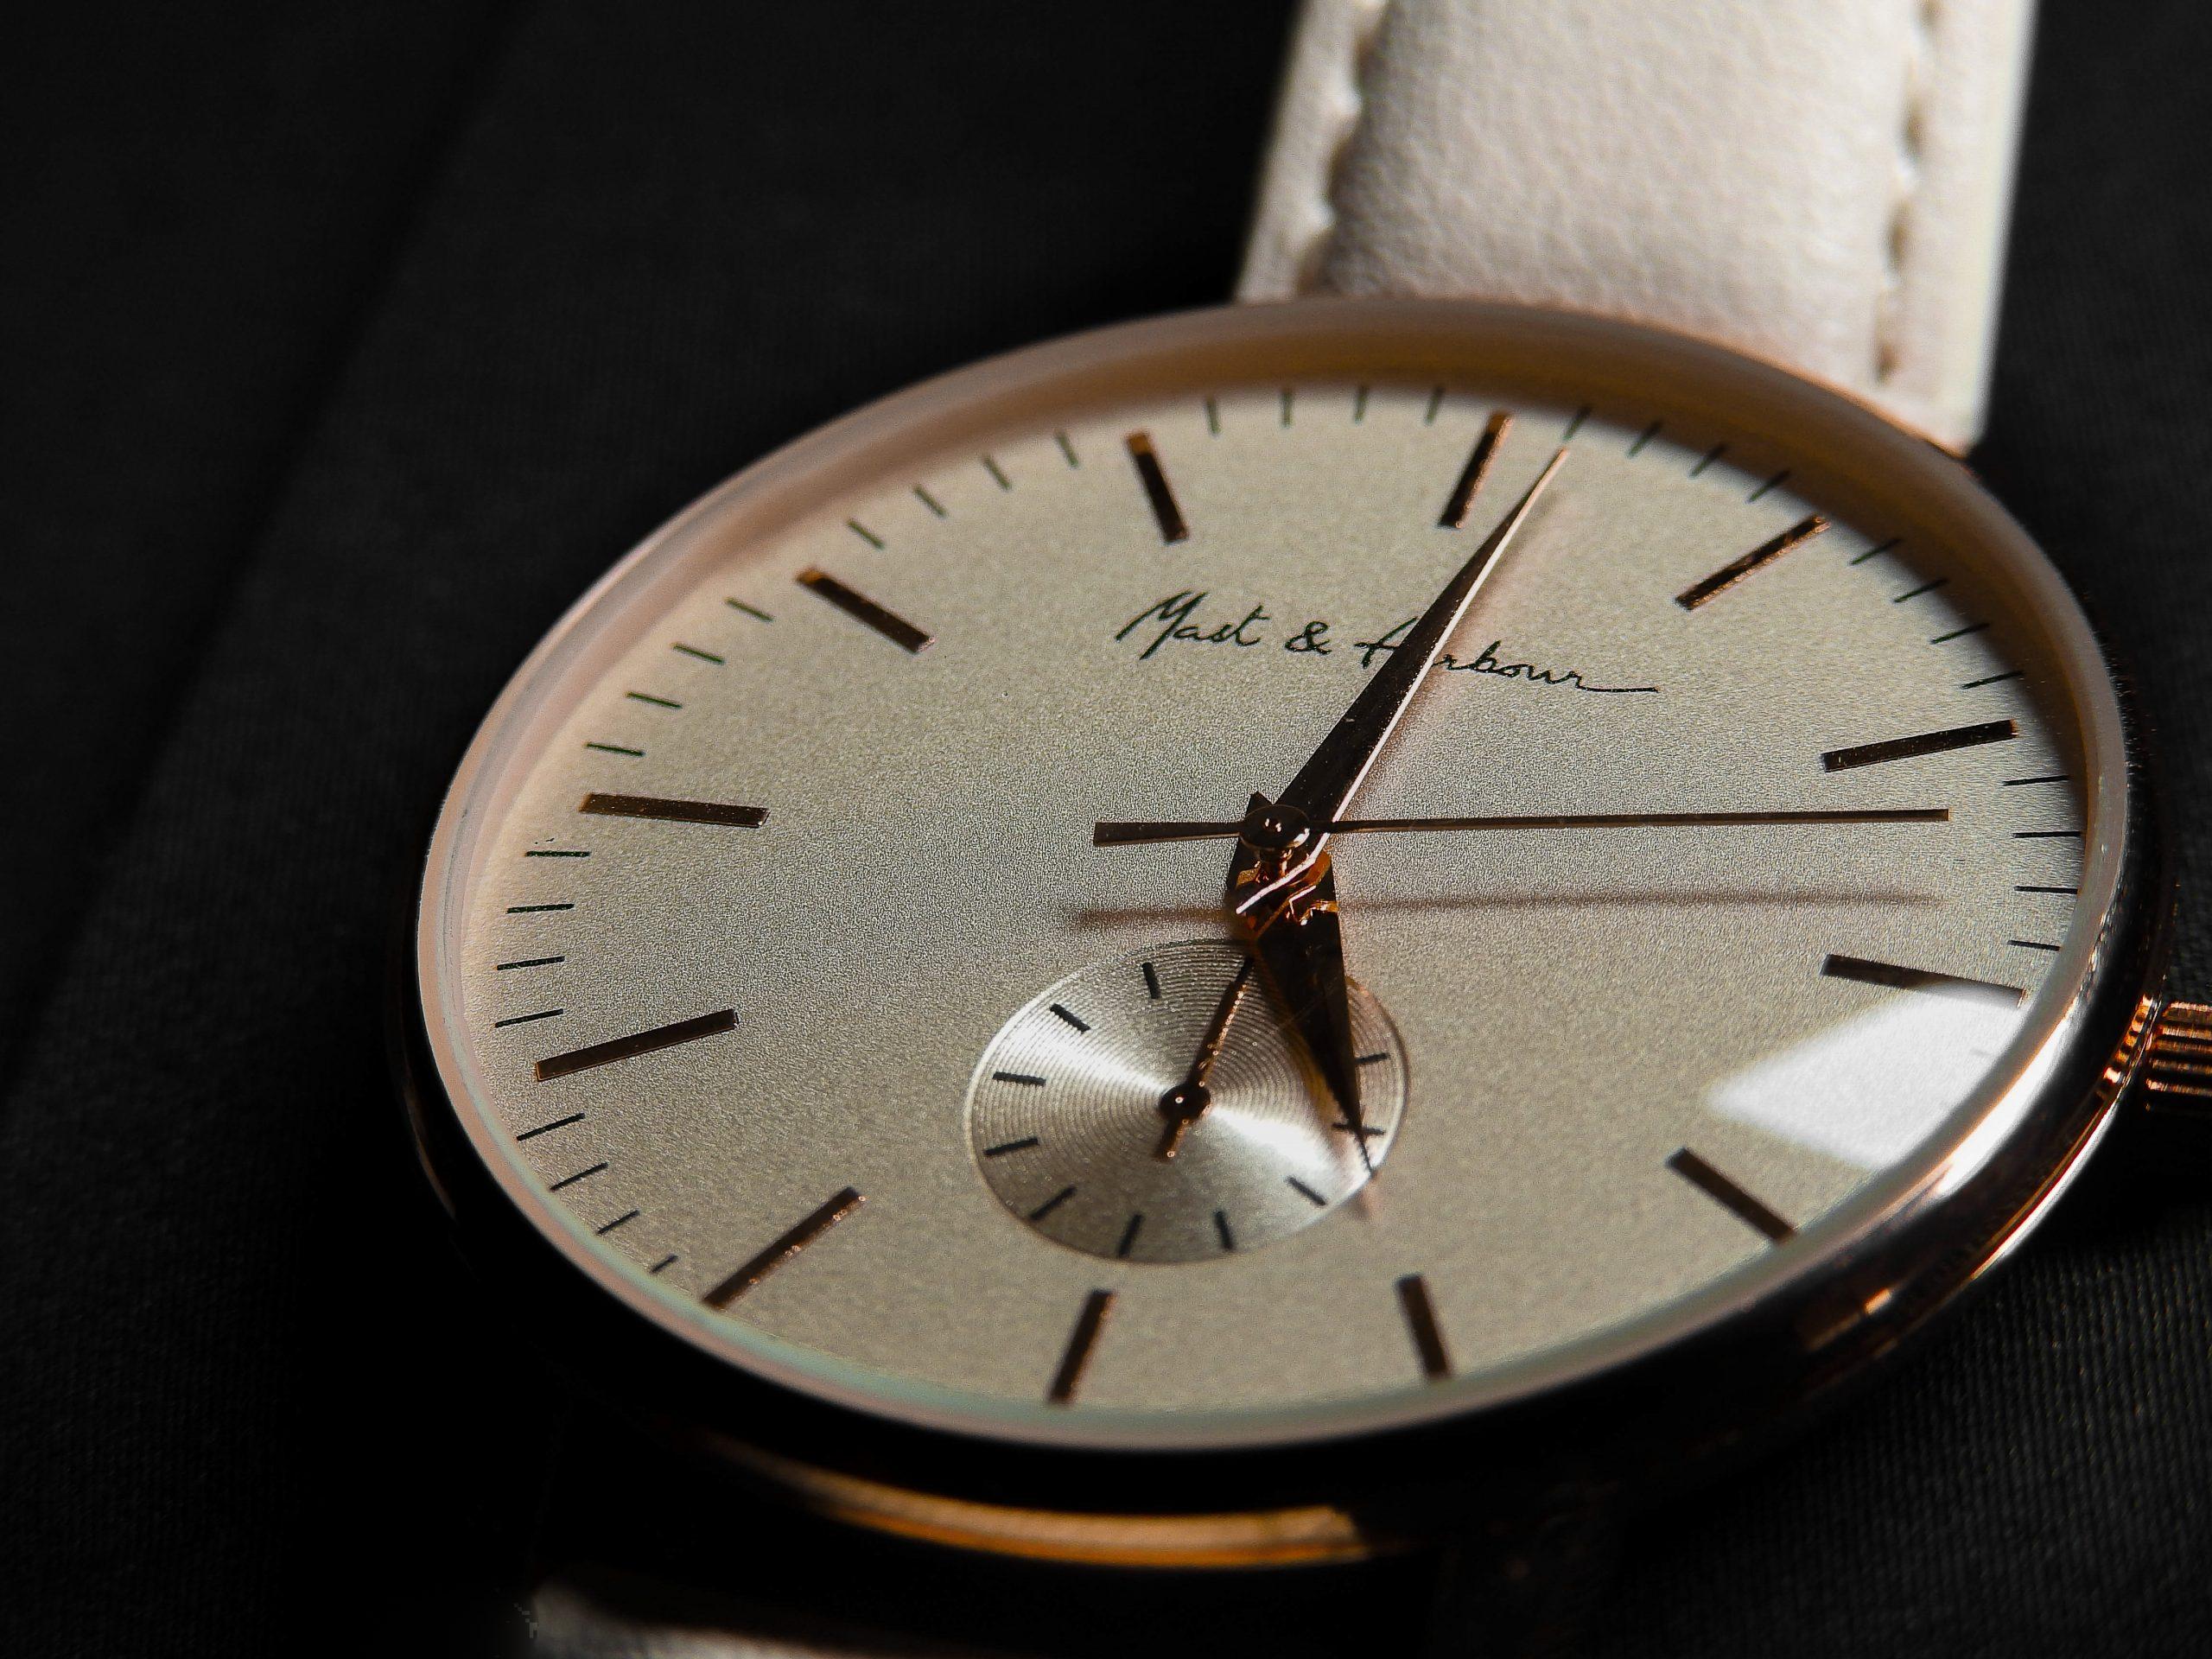 A luxury watch for women